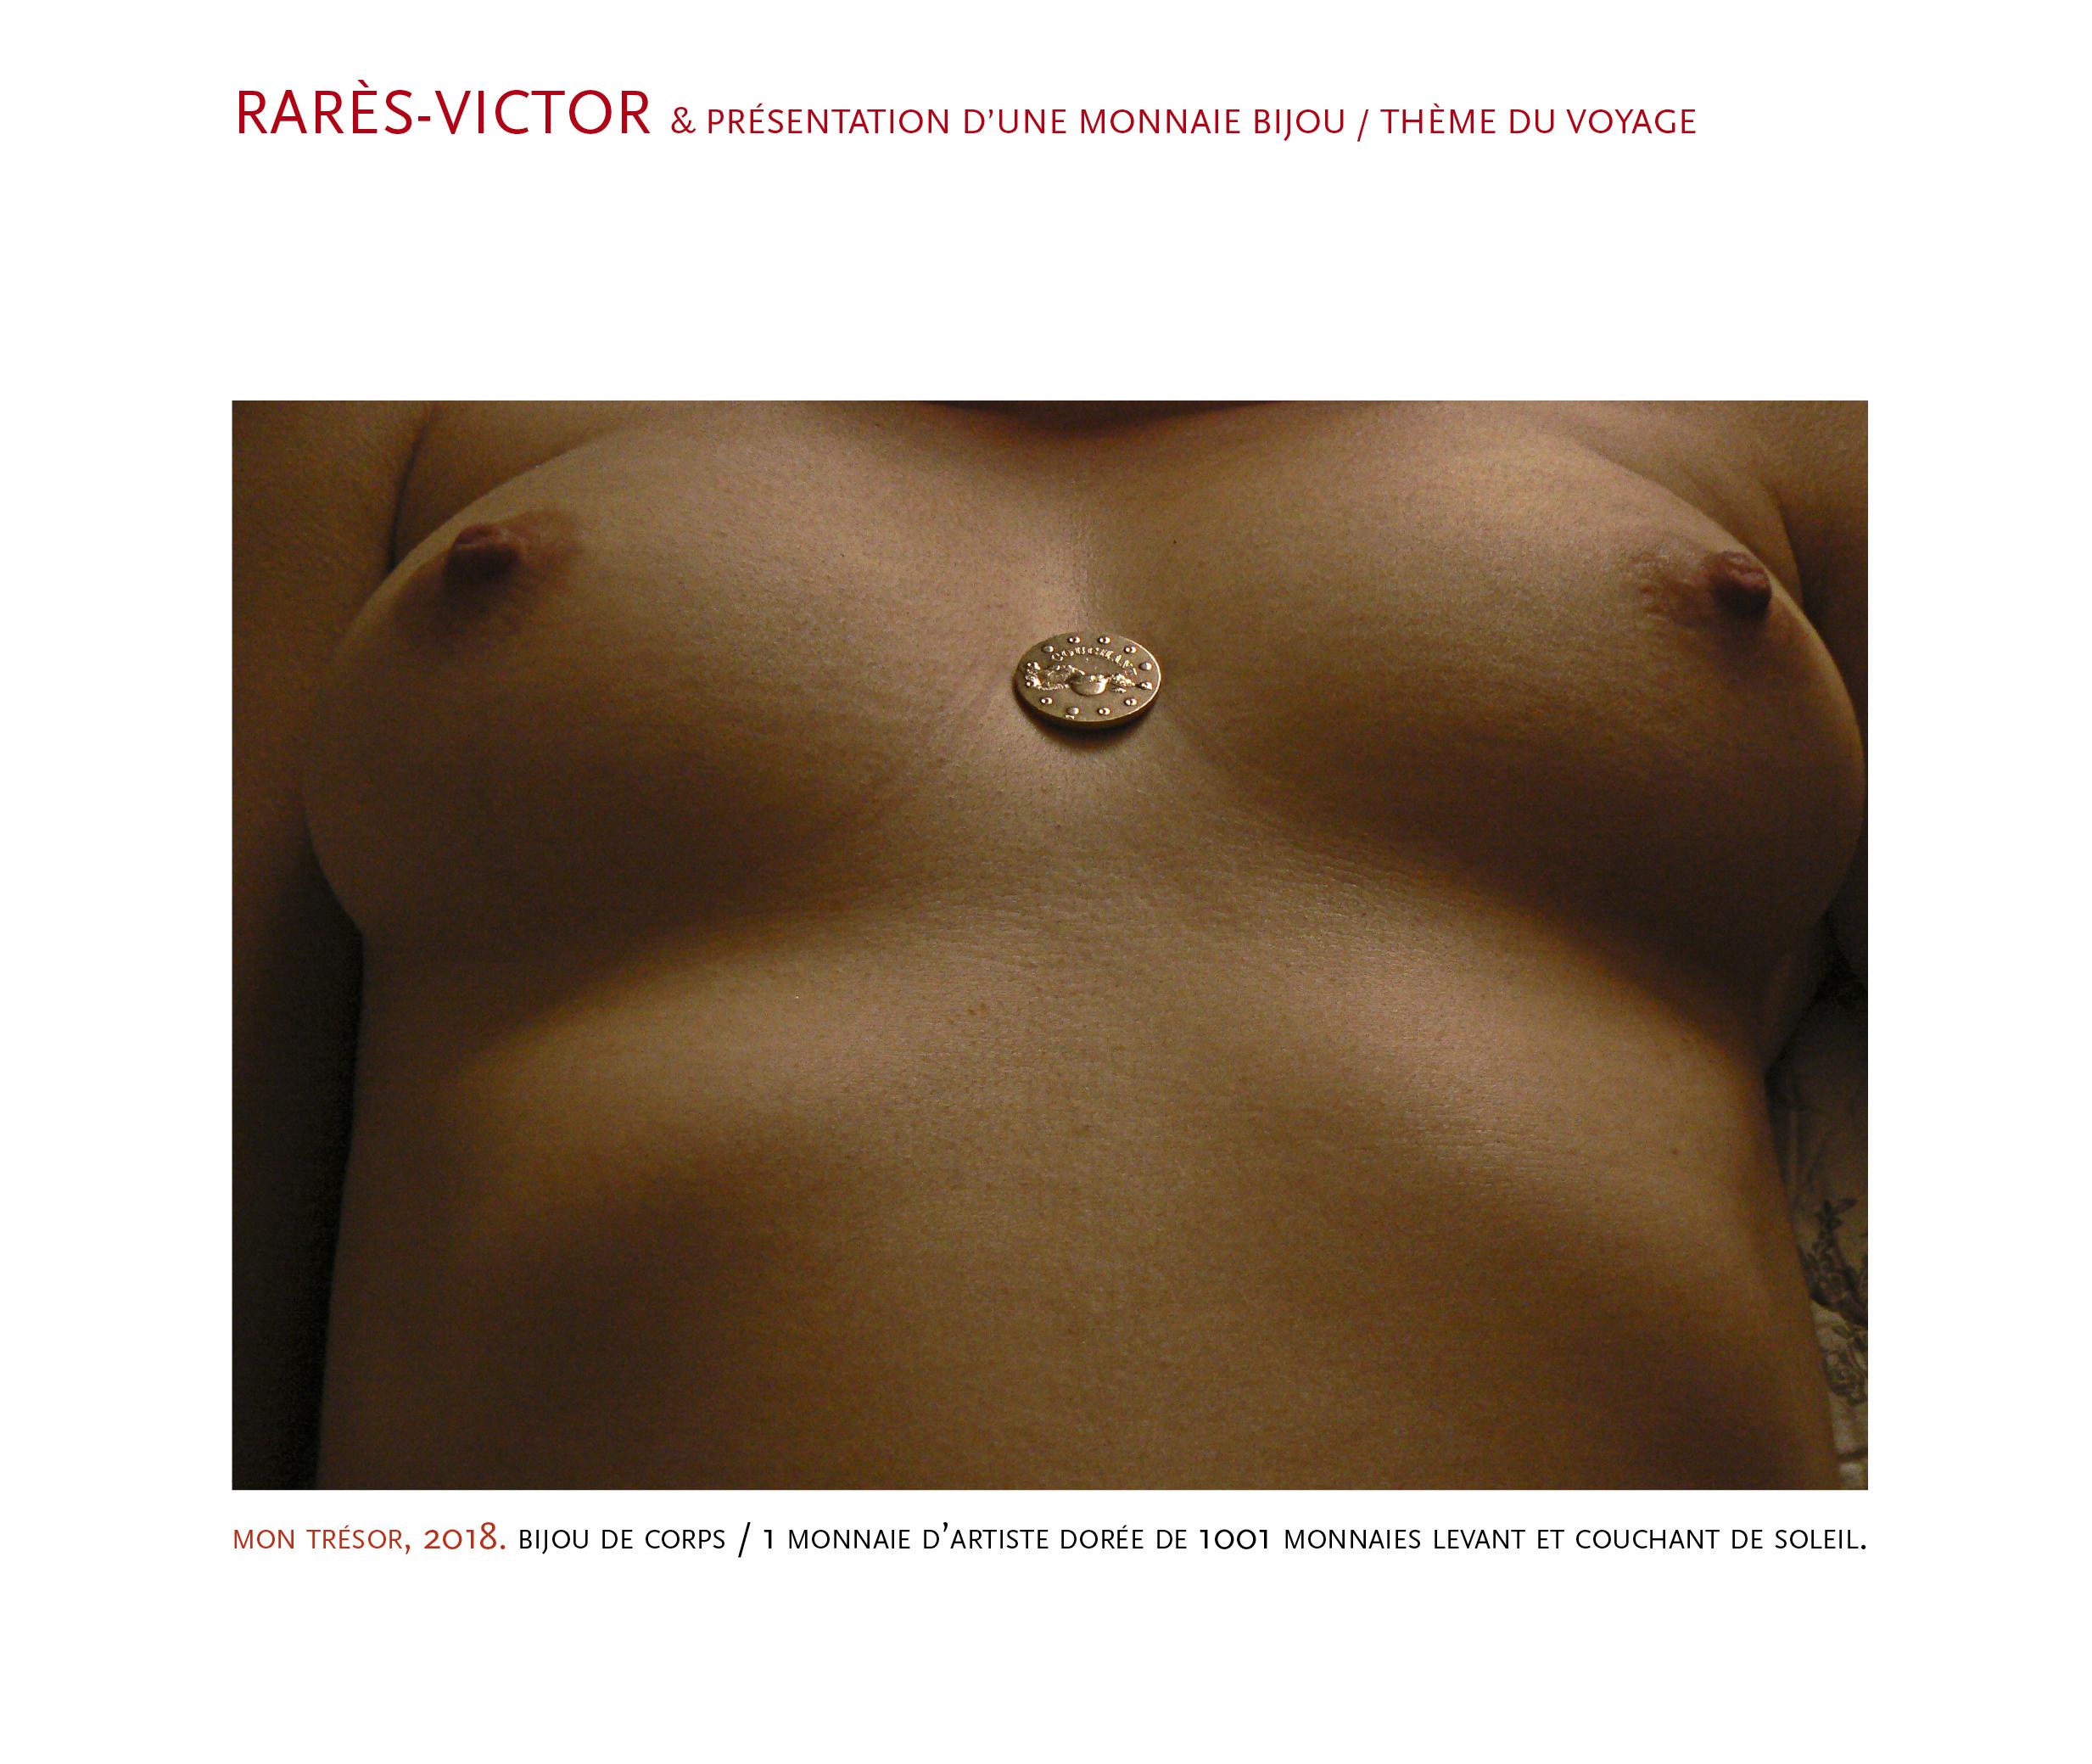 Rarès-Victor